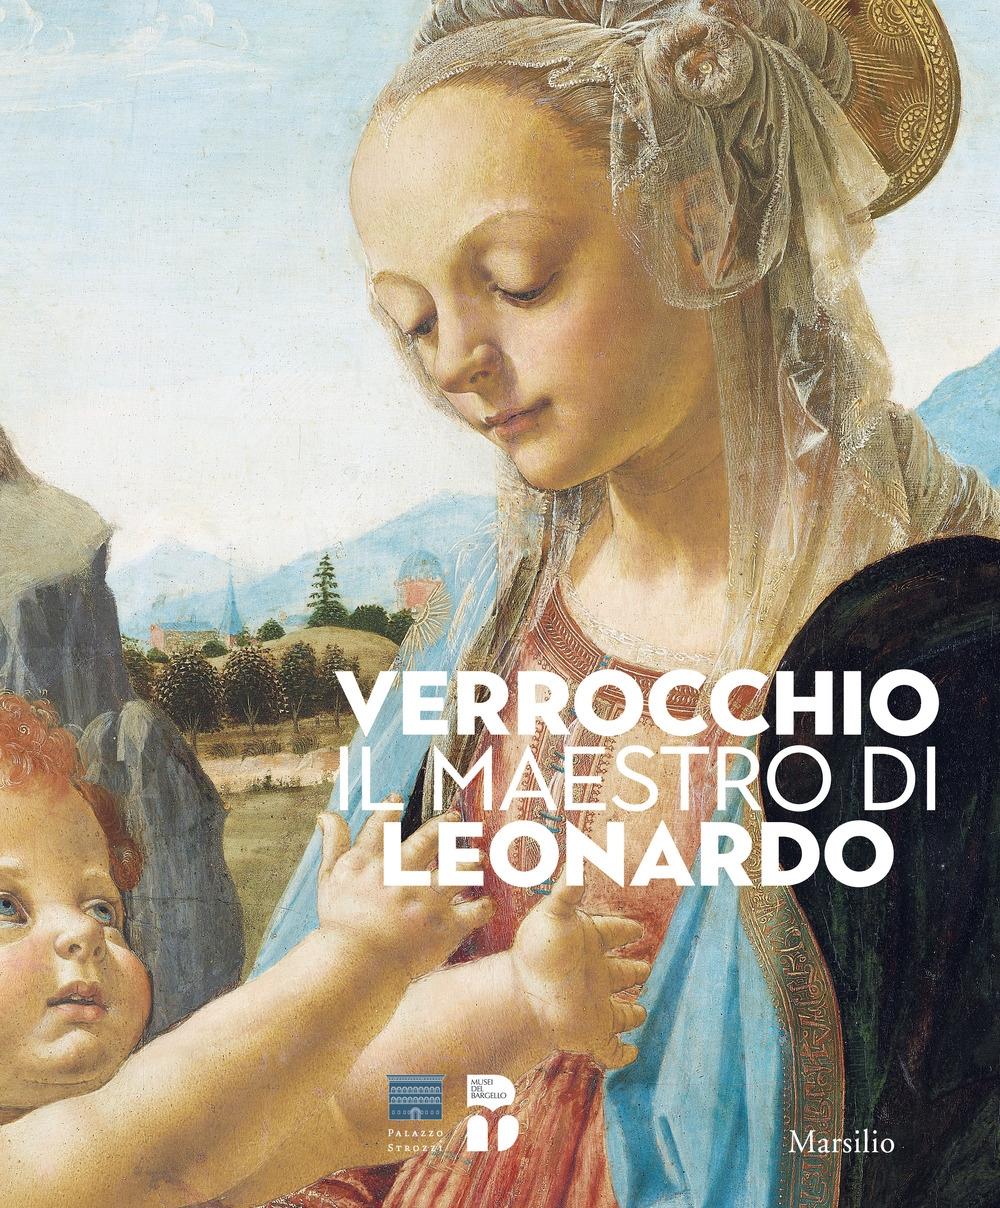 Verrocchio, il maestro di Leonardo.